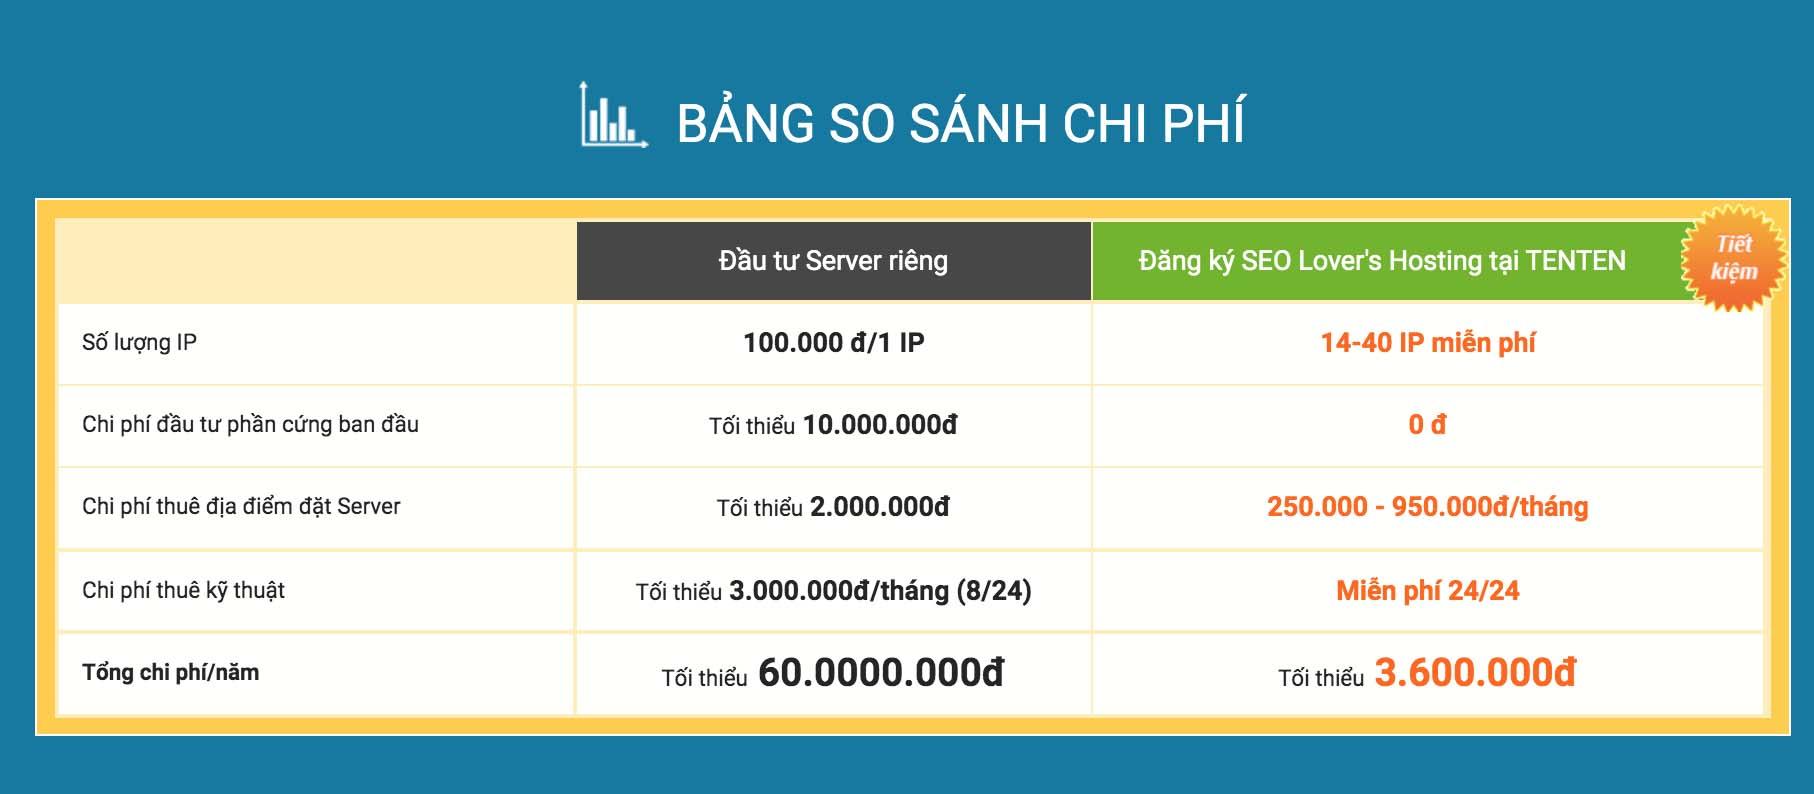 chi phí seo lover's hosting